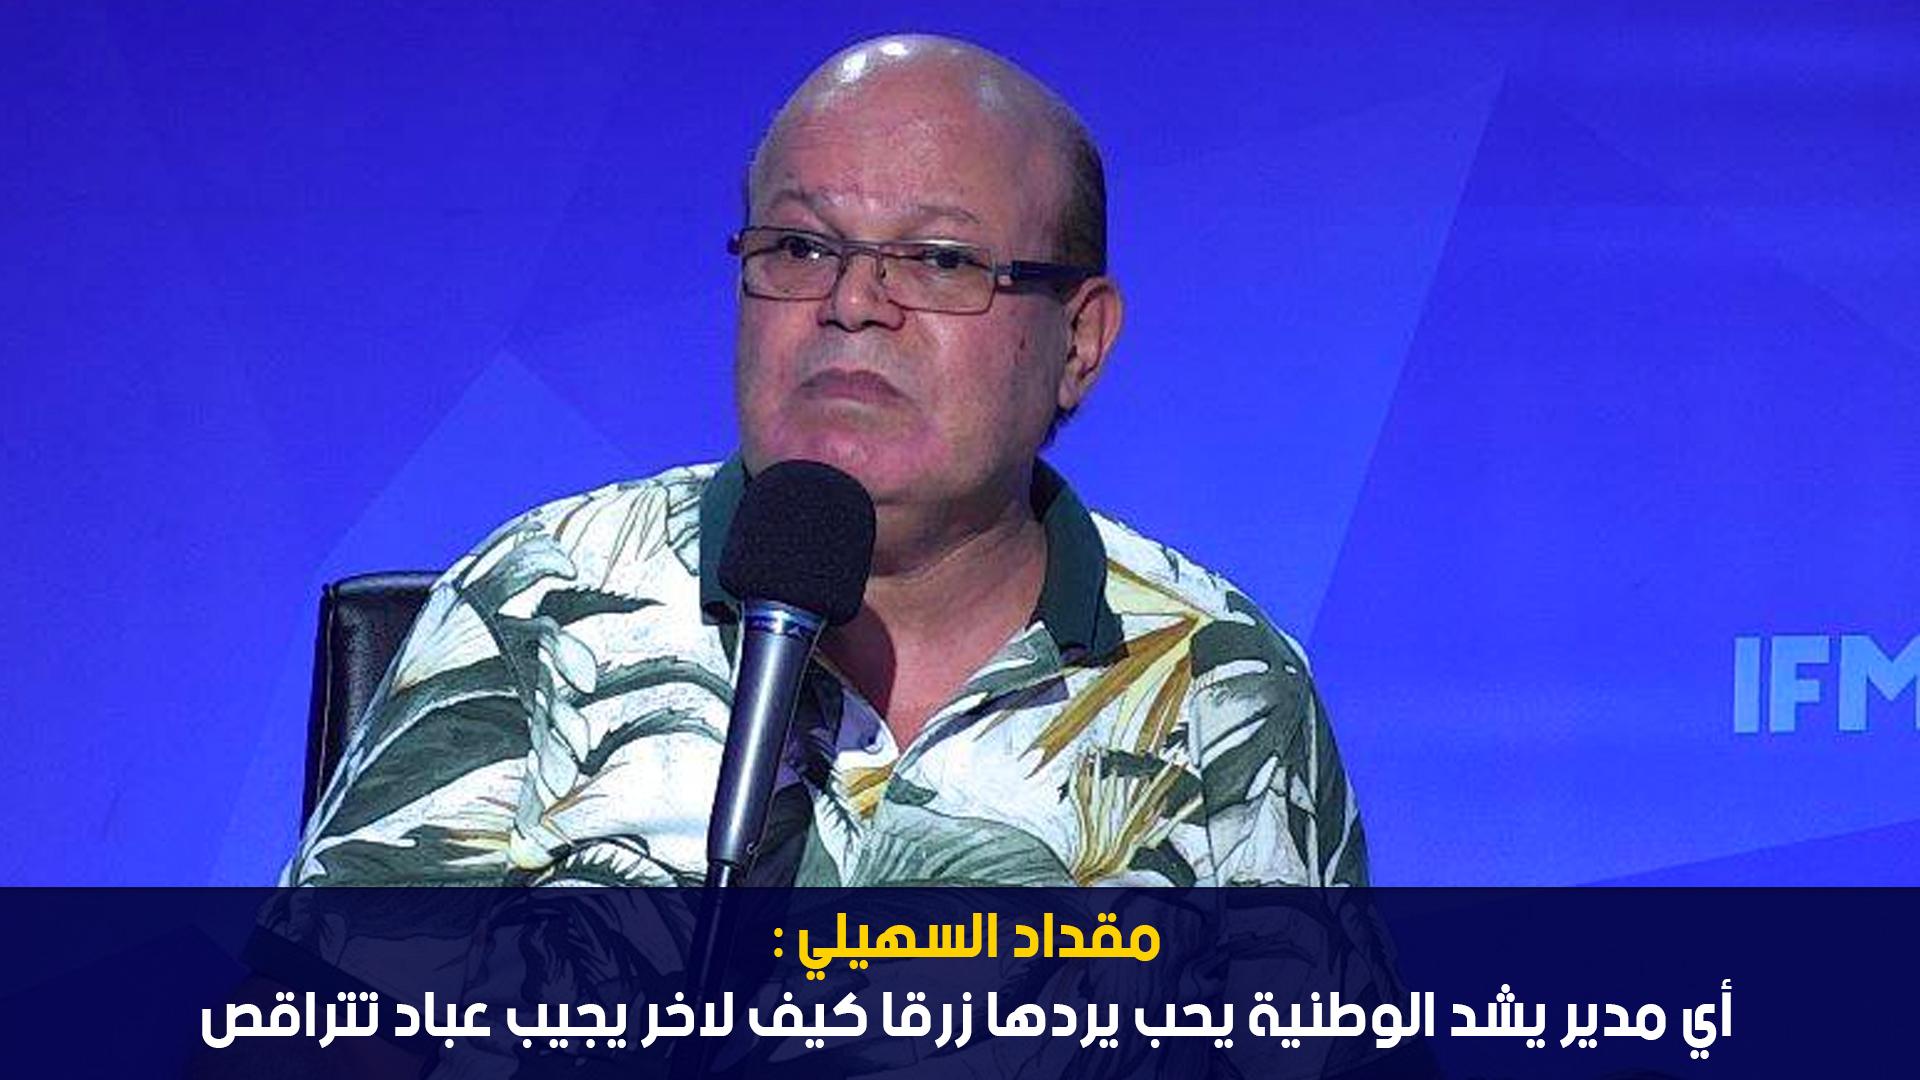 مقداد السهيلي: أي مدير يشد الوطنية يحب يردها زرقا كيف لاخر يجيب عباد تتراقص